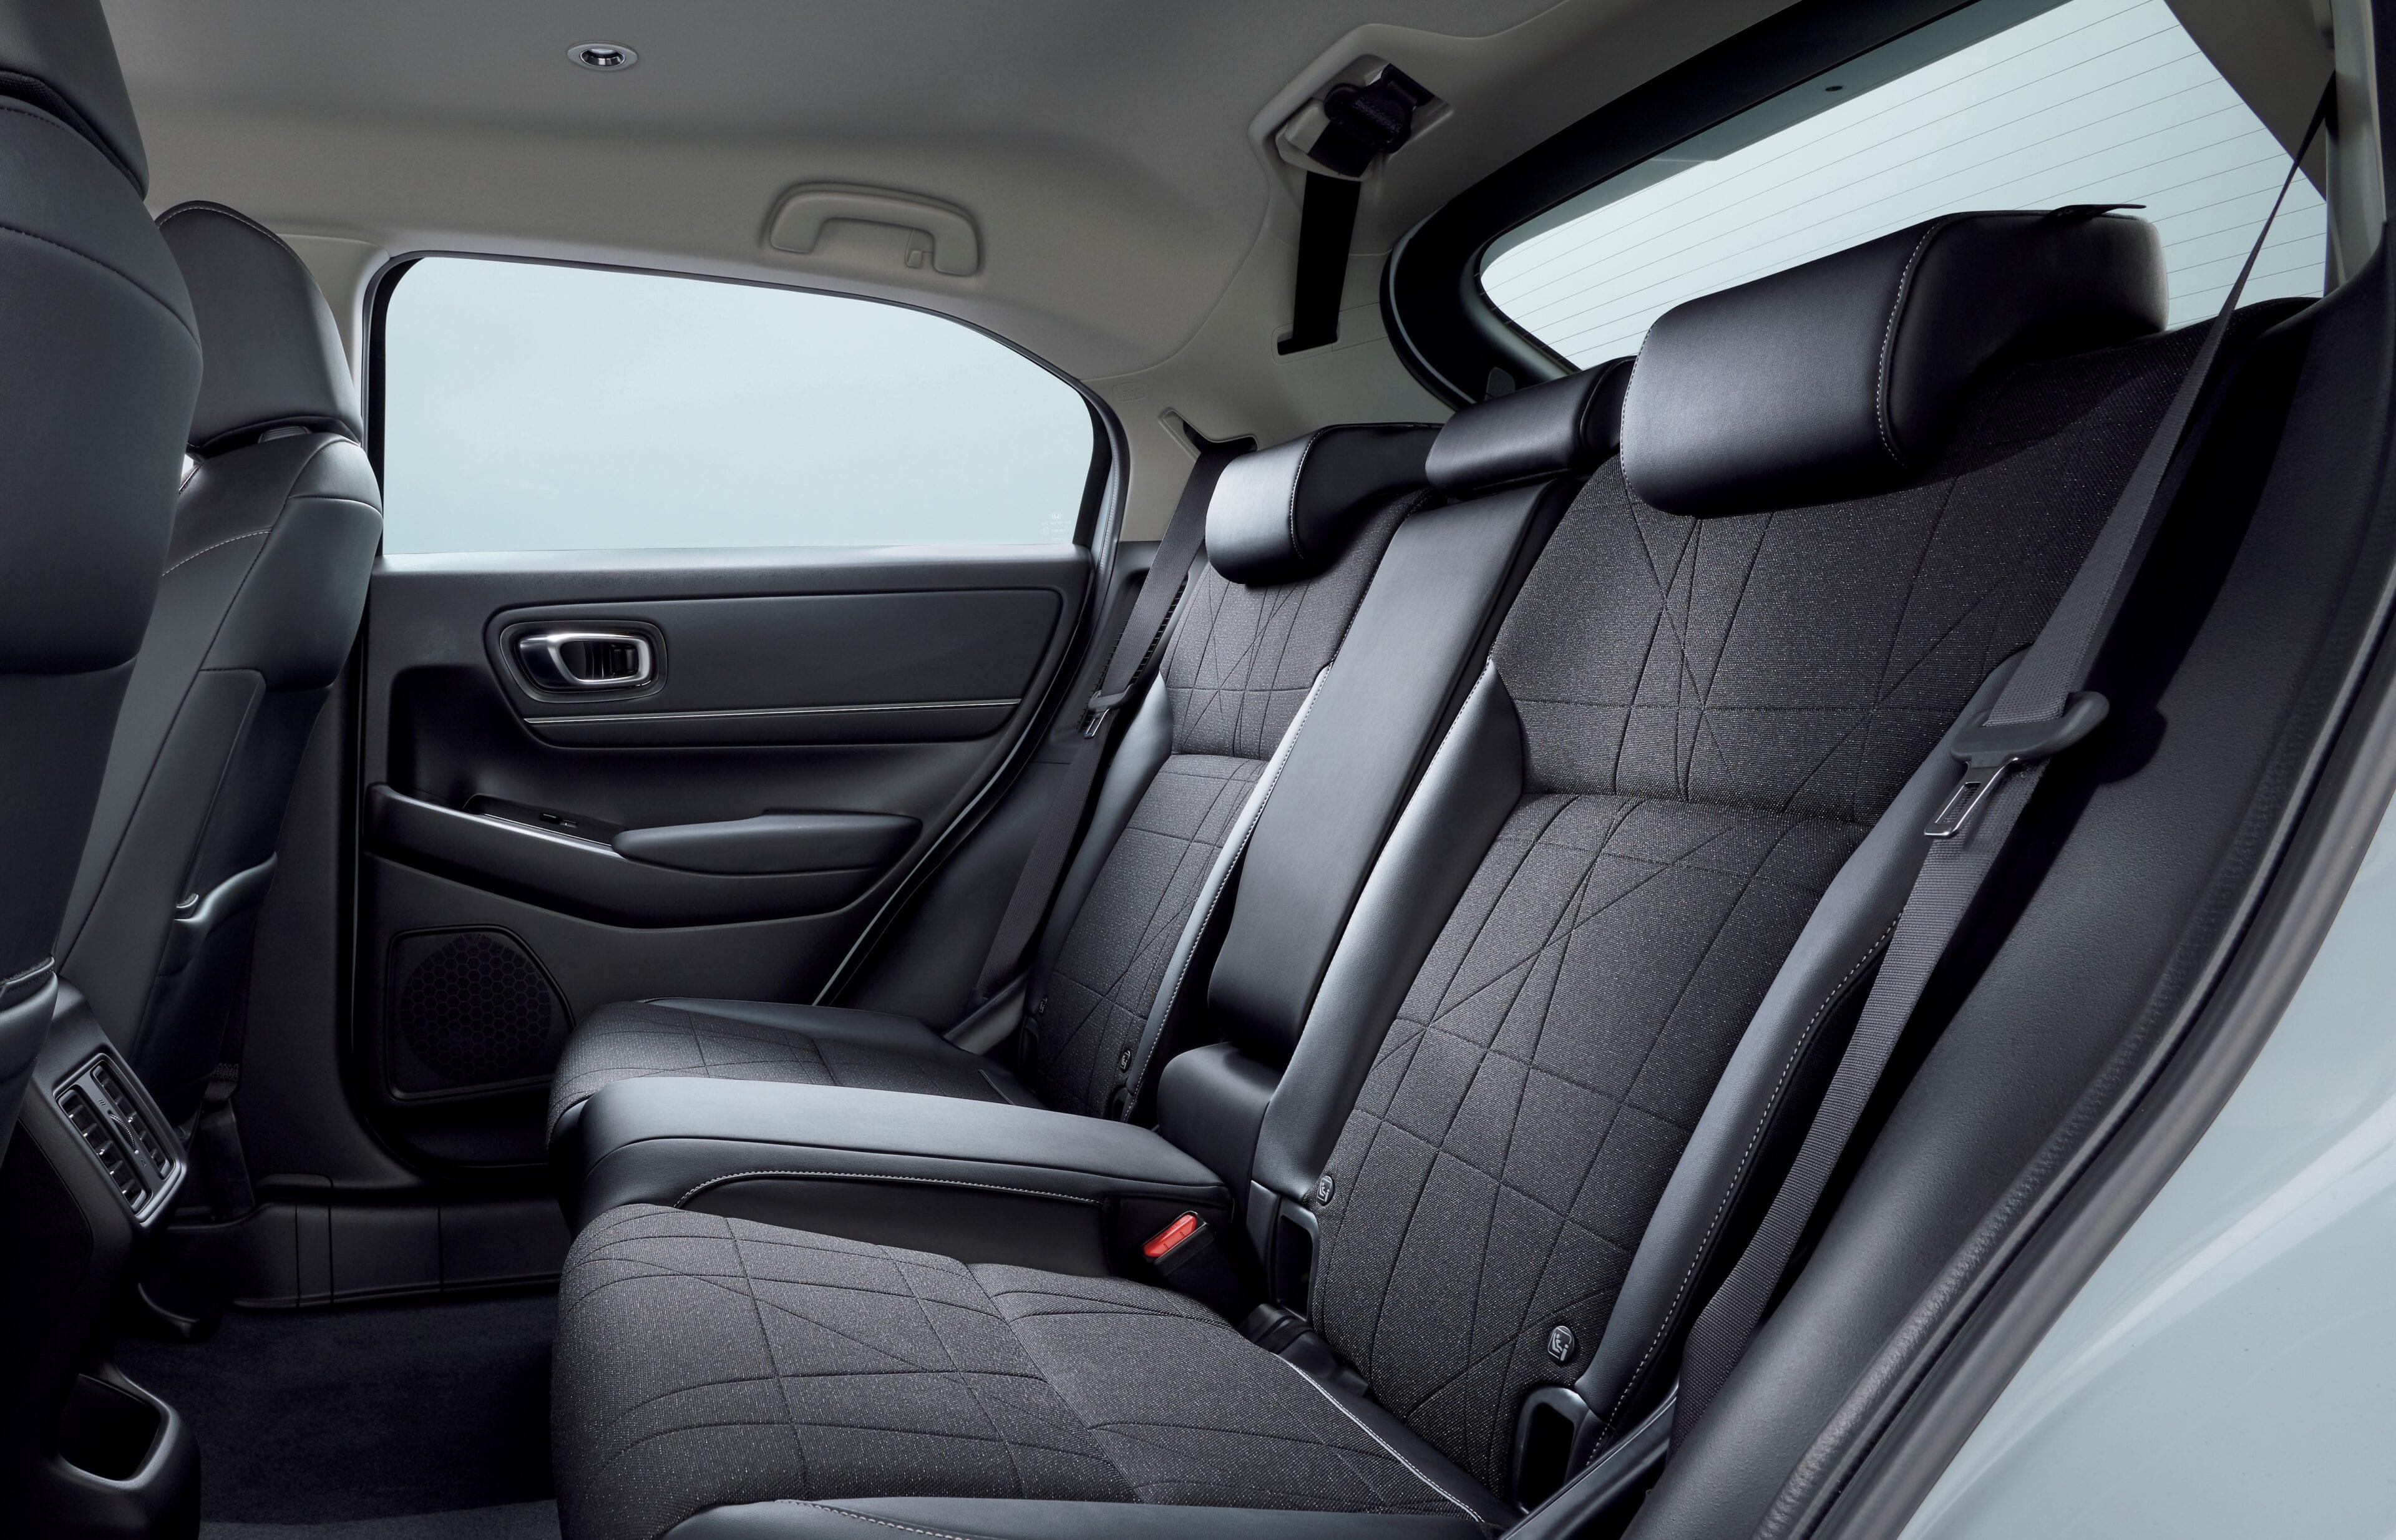 Dankzij Honda's compacte, geïntegreerde aandrijflijntechnologie en centrale tankindeling behoudt de nieuwe HR-V ook de veelzijdige Magic Seats die 'volledig platte' of 'omhoog geklapte' stoelflexibiliteit bieden, afhankelijk van de benodigde laadruimte.